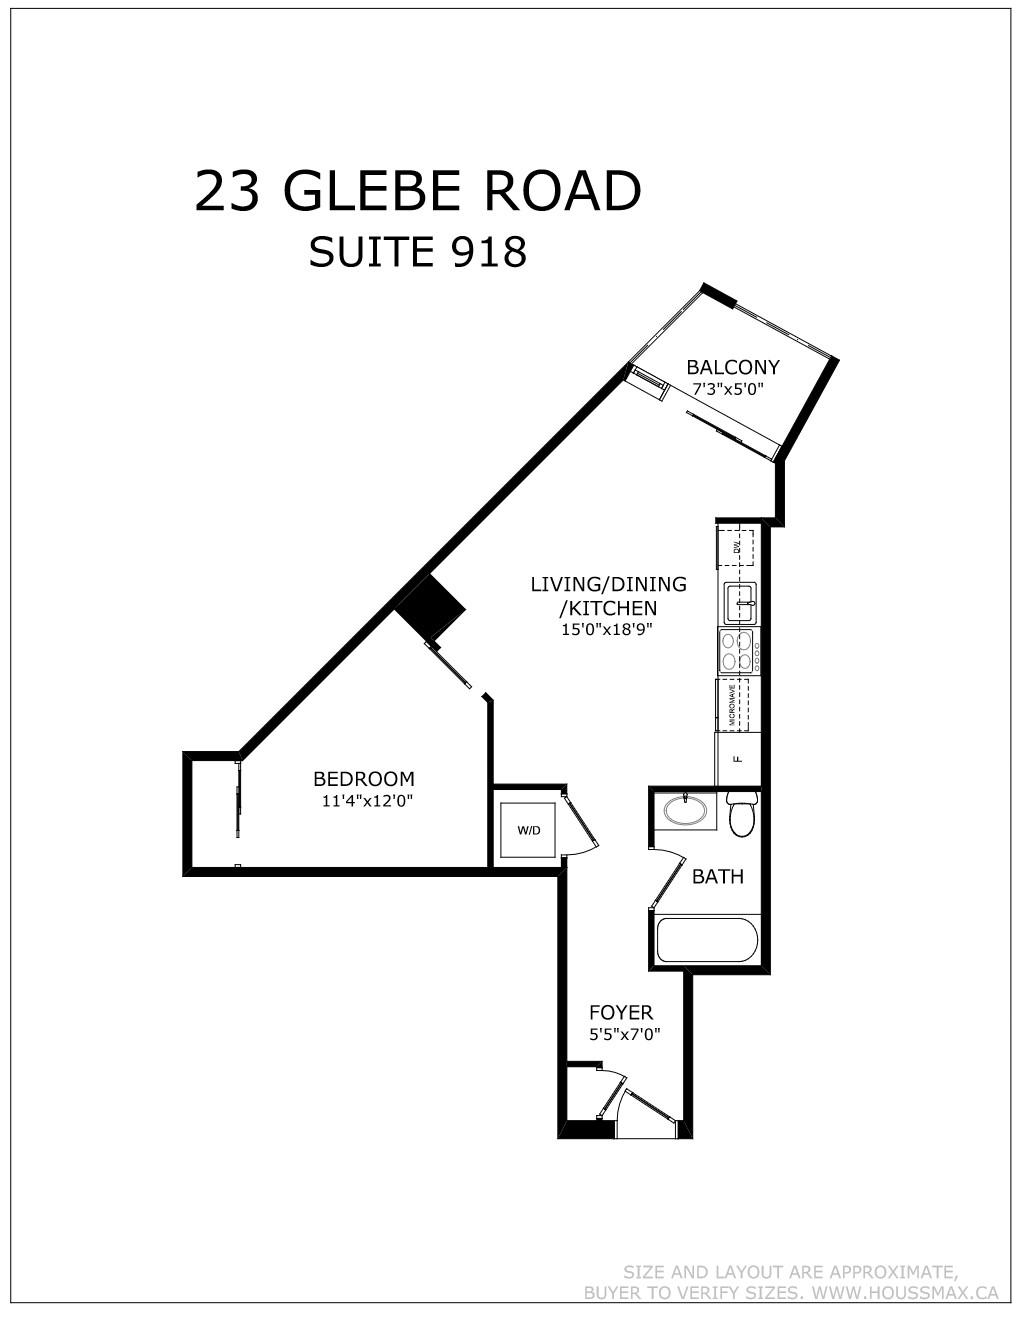 Floor plans for 23 Glebe Rd W Unit 918.